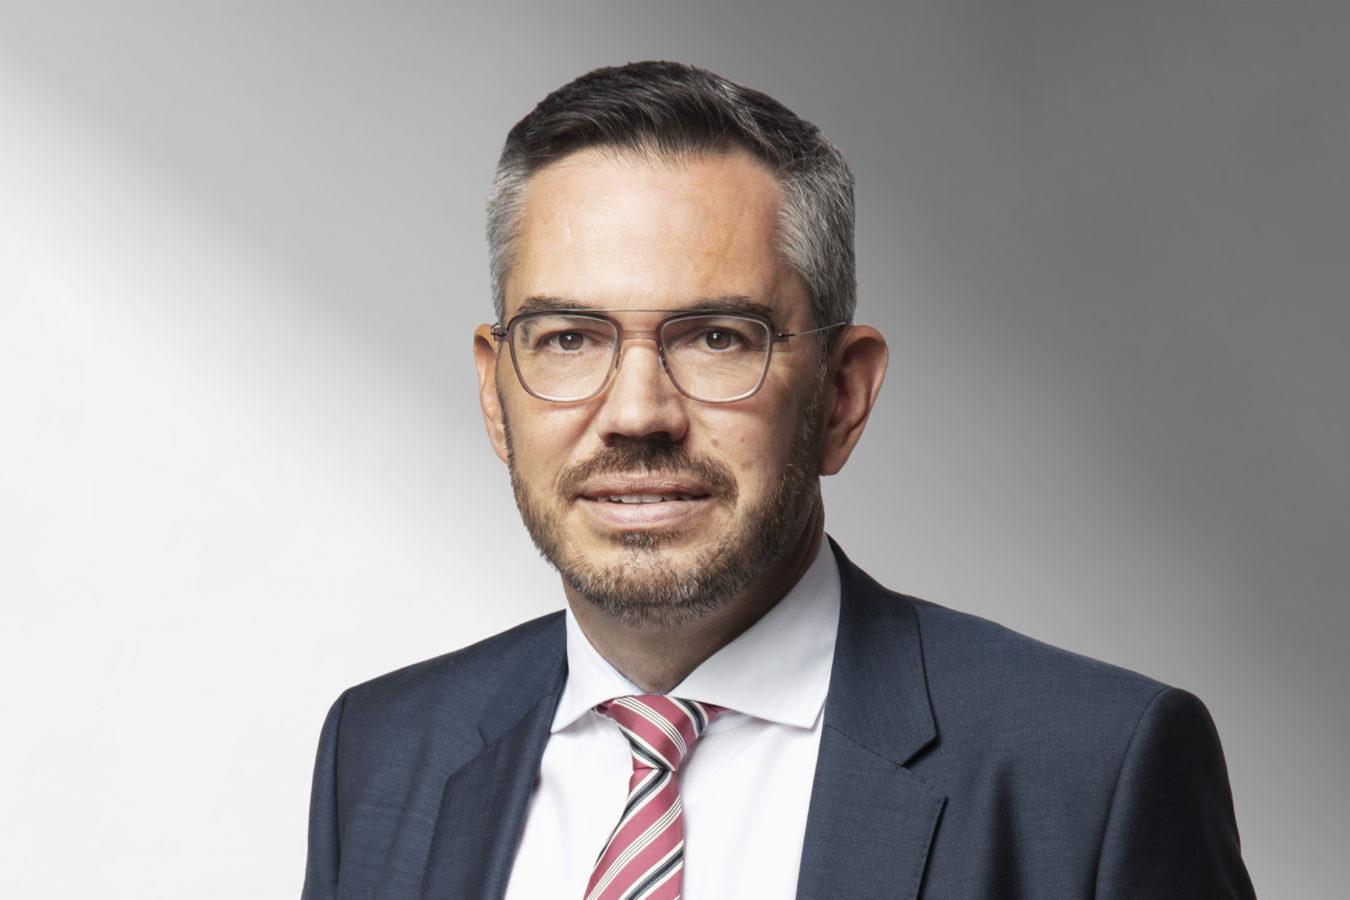 Le Groupe REYL nomme Frédéric Le Hellard Responsable de l'Informatique